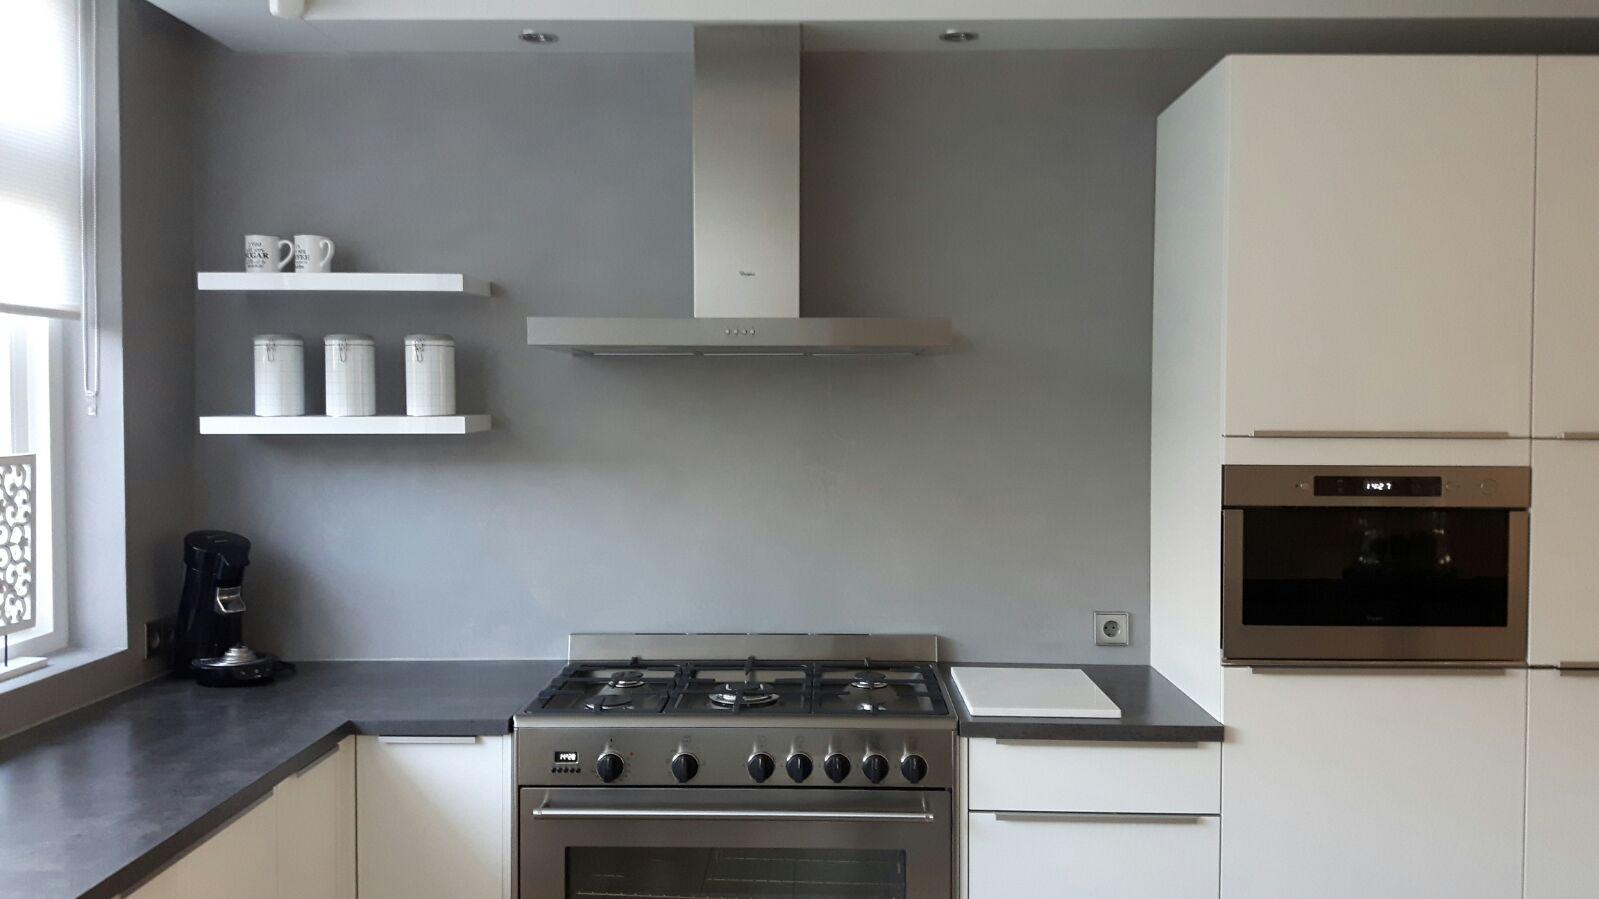 Beton Cire Keuken : Beton ciré stukadoorsbedrijfvandegraaf